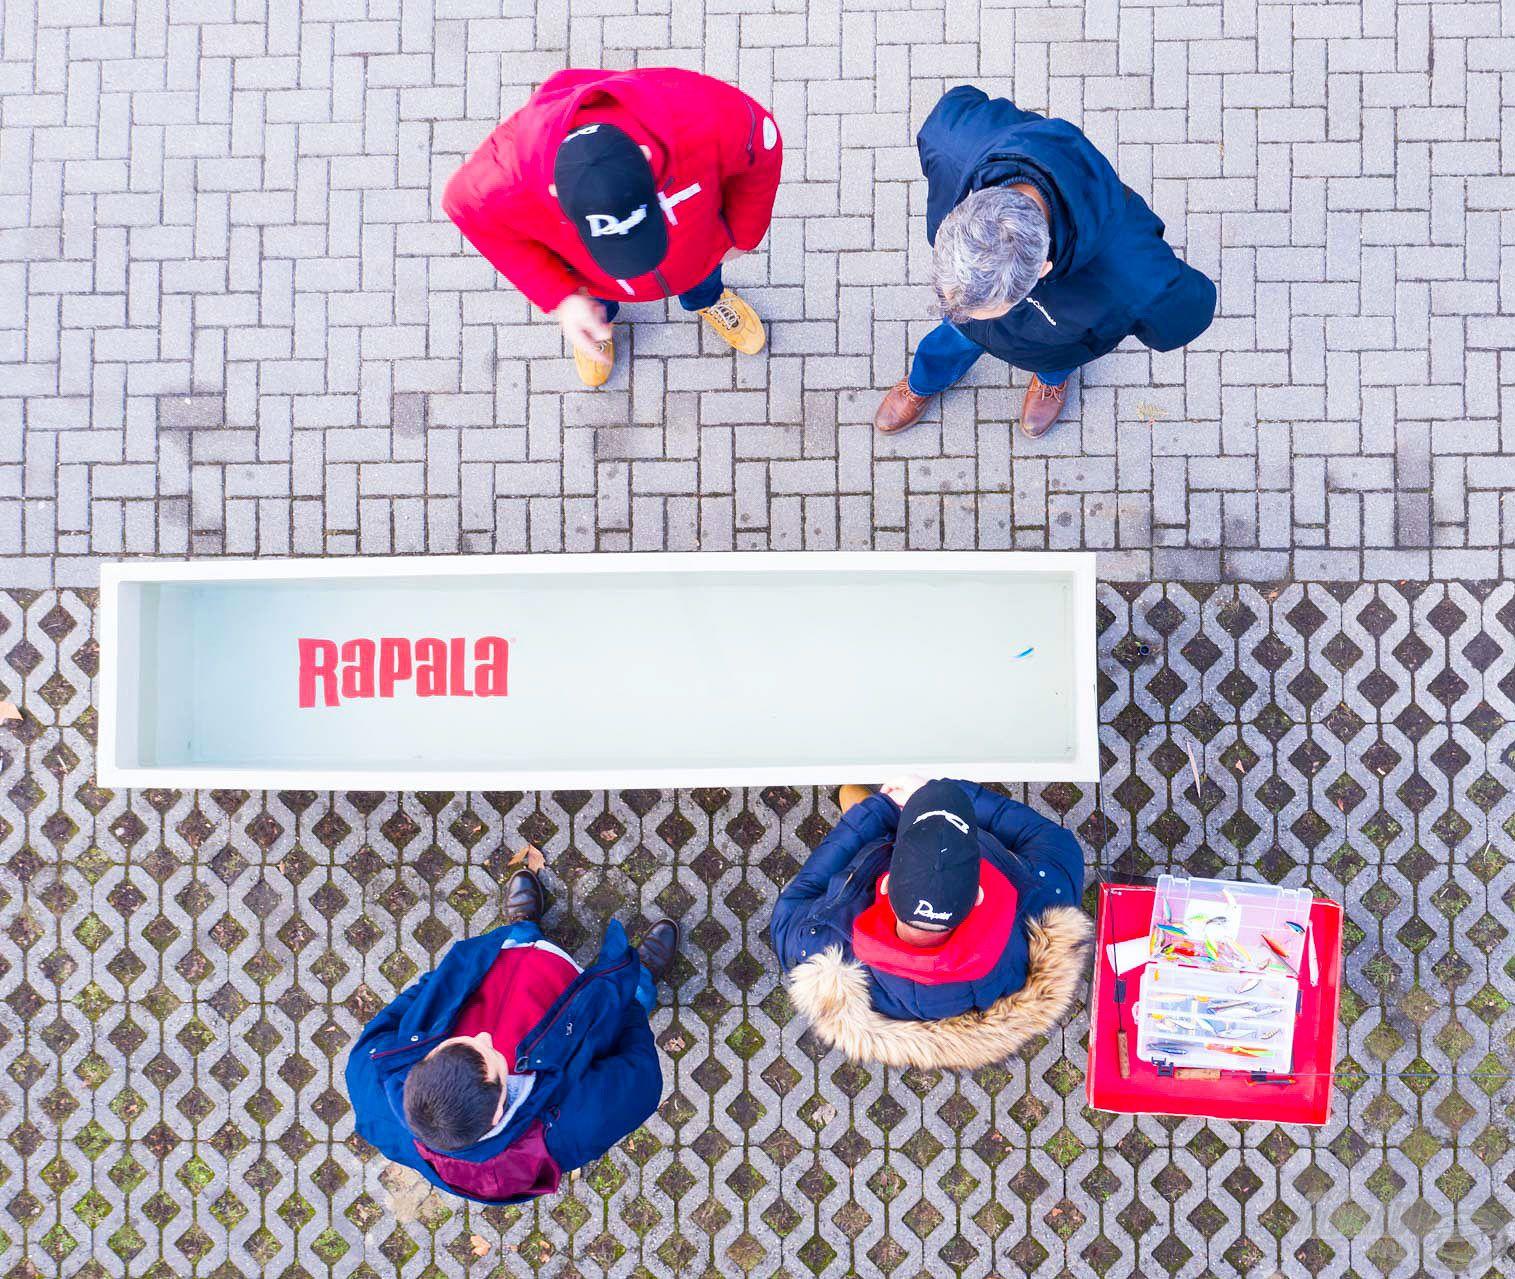 Folyamatosan zajlottak a rapid bemutatók a Rapala tesztmedencénél is